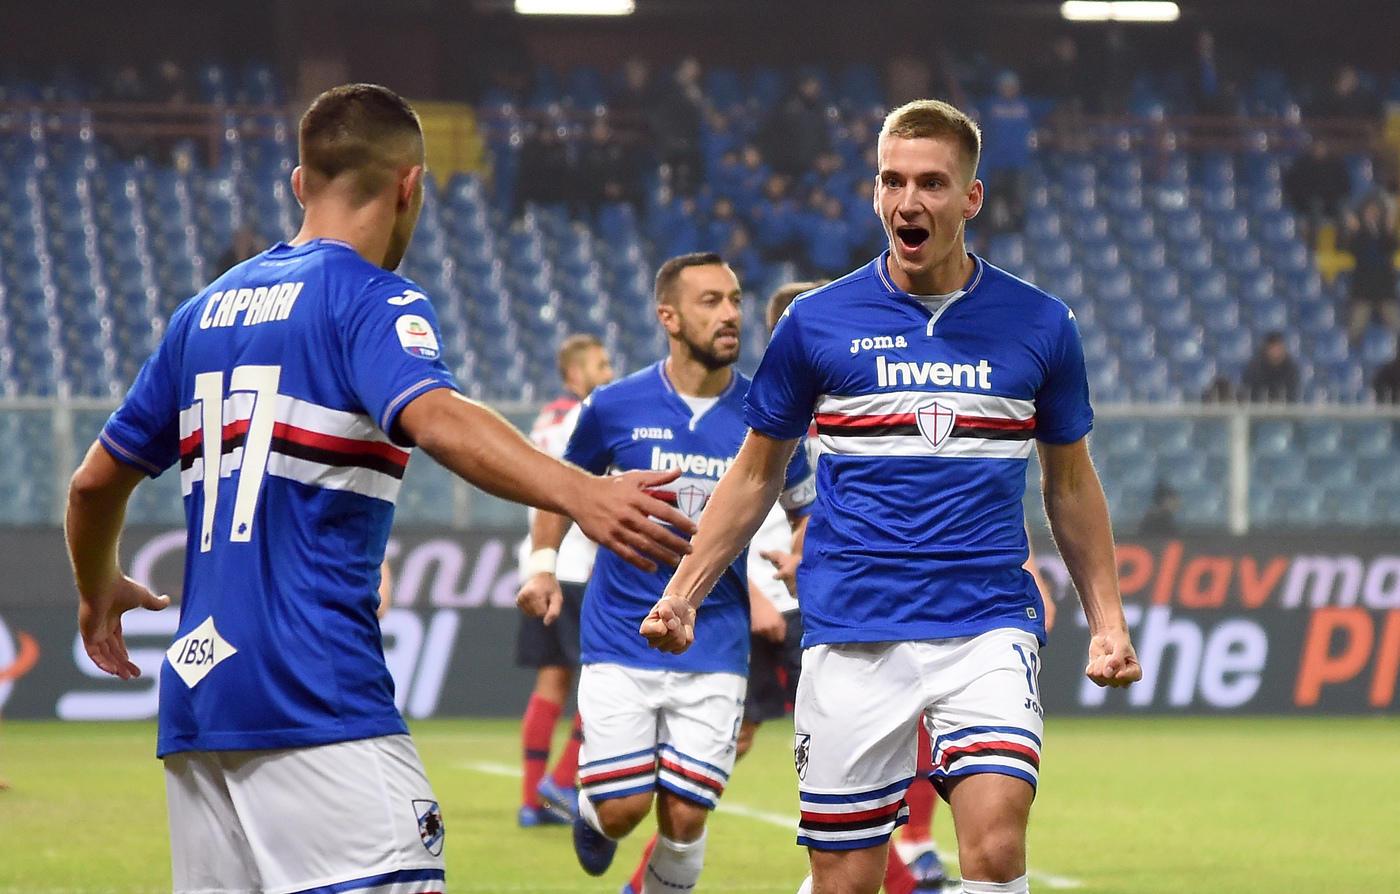 La <strong>Sampdoria</strong> ha battuto 4-1 il <strong>Bologna</strong> nel terzo anticipo della 14.ma giornata di <strong>Serie A</strong>. I blucerchiati, che in campionato non vincevano da cinque turni, si sono affidati alle giocate degli uomini offensivi. <strong>Praet</strong> ha firmato il vantaggio al 10' su assist di Caprari, poi è toccato a <strong>Quagliarella</strong> trovare il bis dopo il momentaneo pareggio firmato da <strong>Poli</strong>. L'ex <strong>Ramirez</strong> e ancora <strong>Quagliarella</strong> nella ripresa hanno poi arrotondato il risultato.<br /><br />